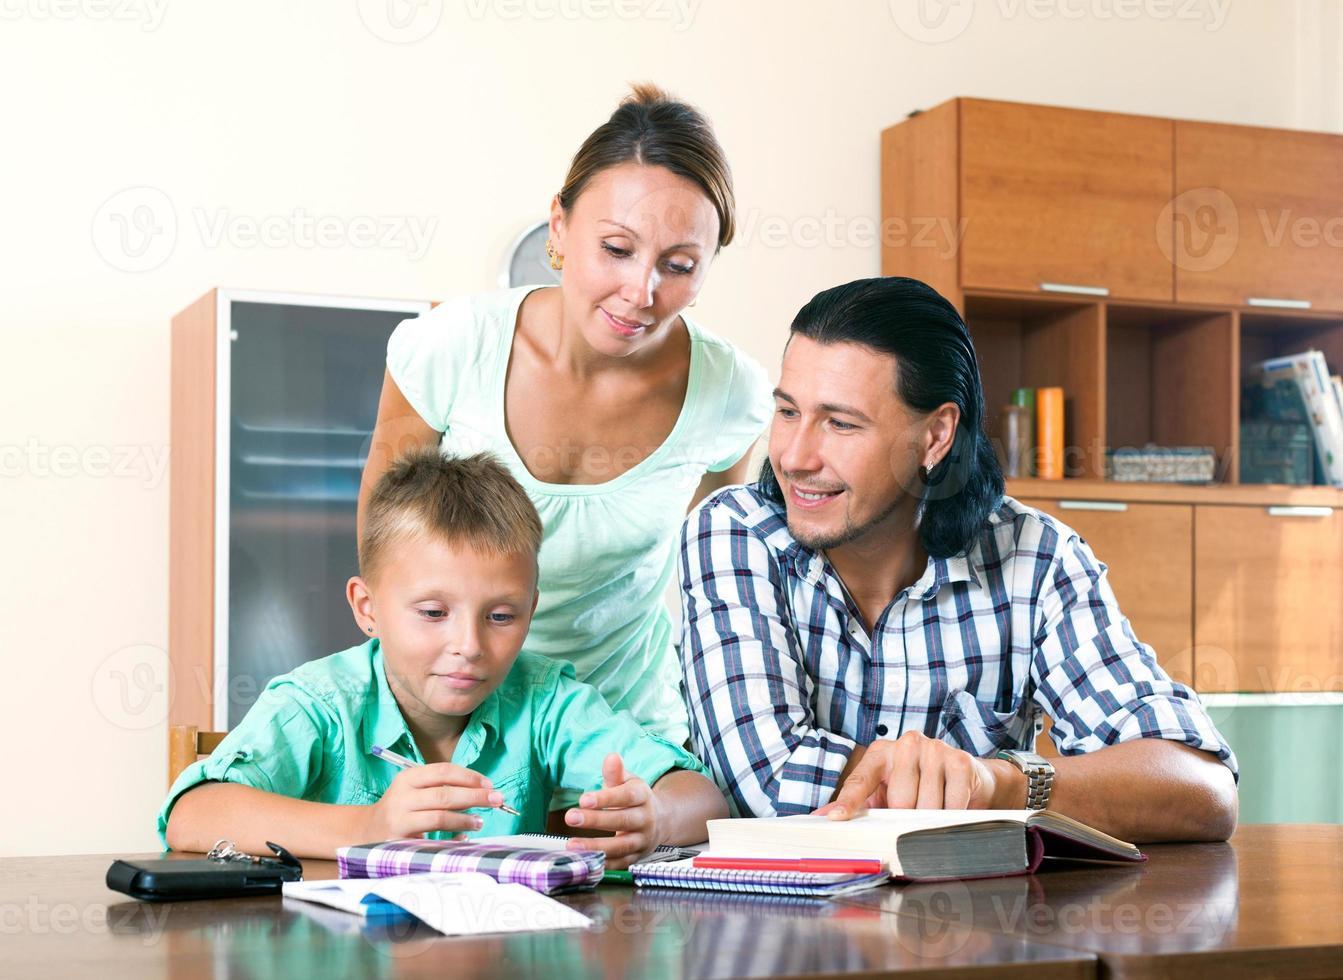 Familie macht Hausaufgaben zusammen foto